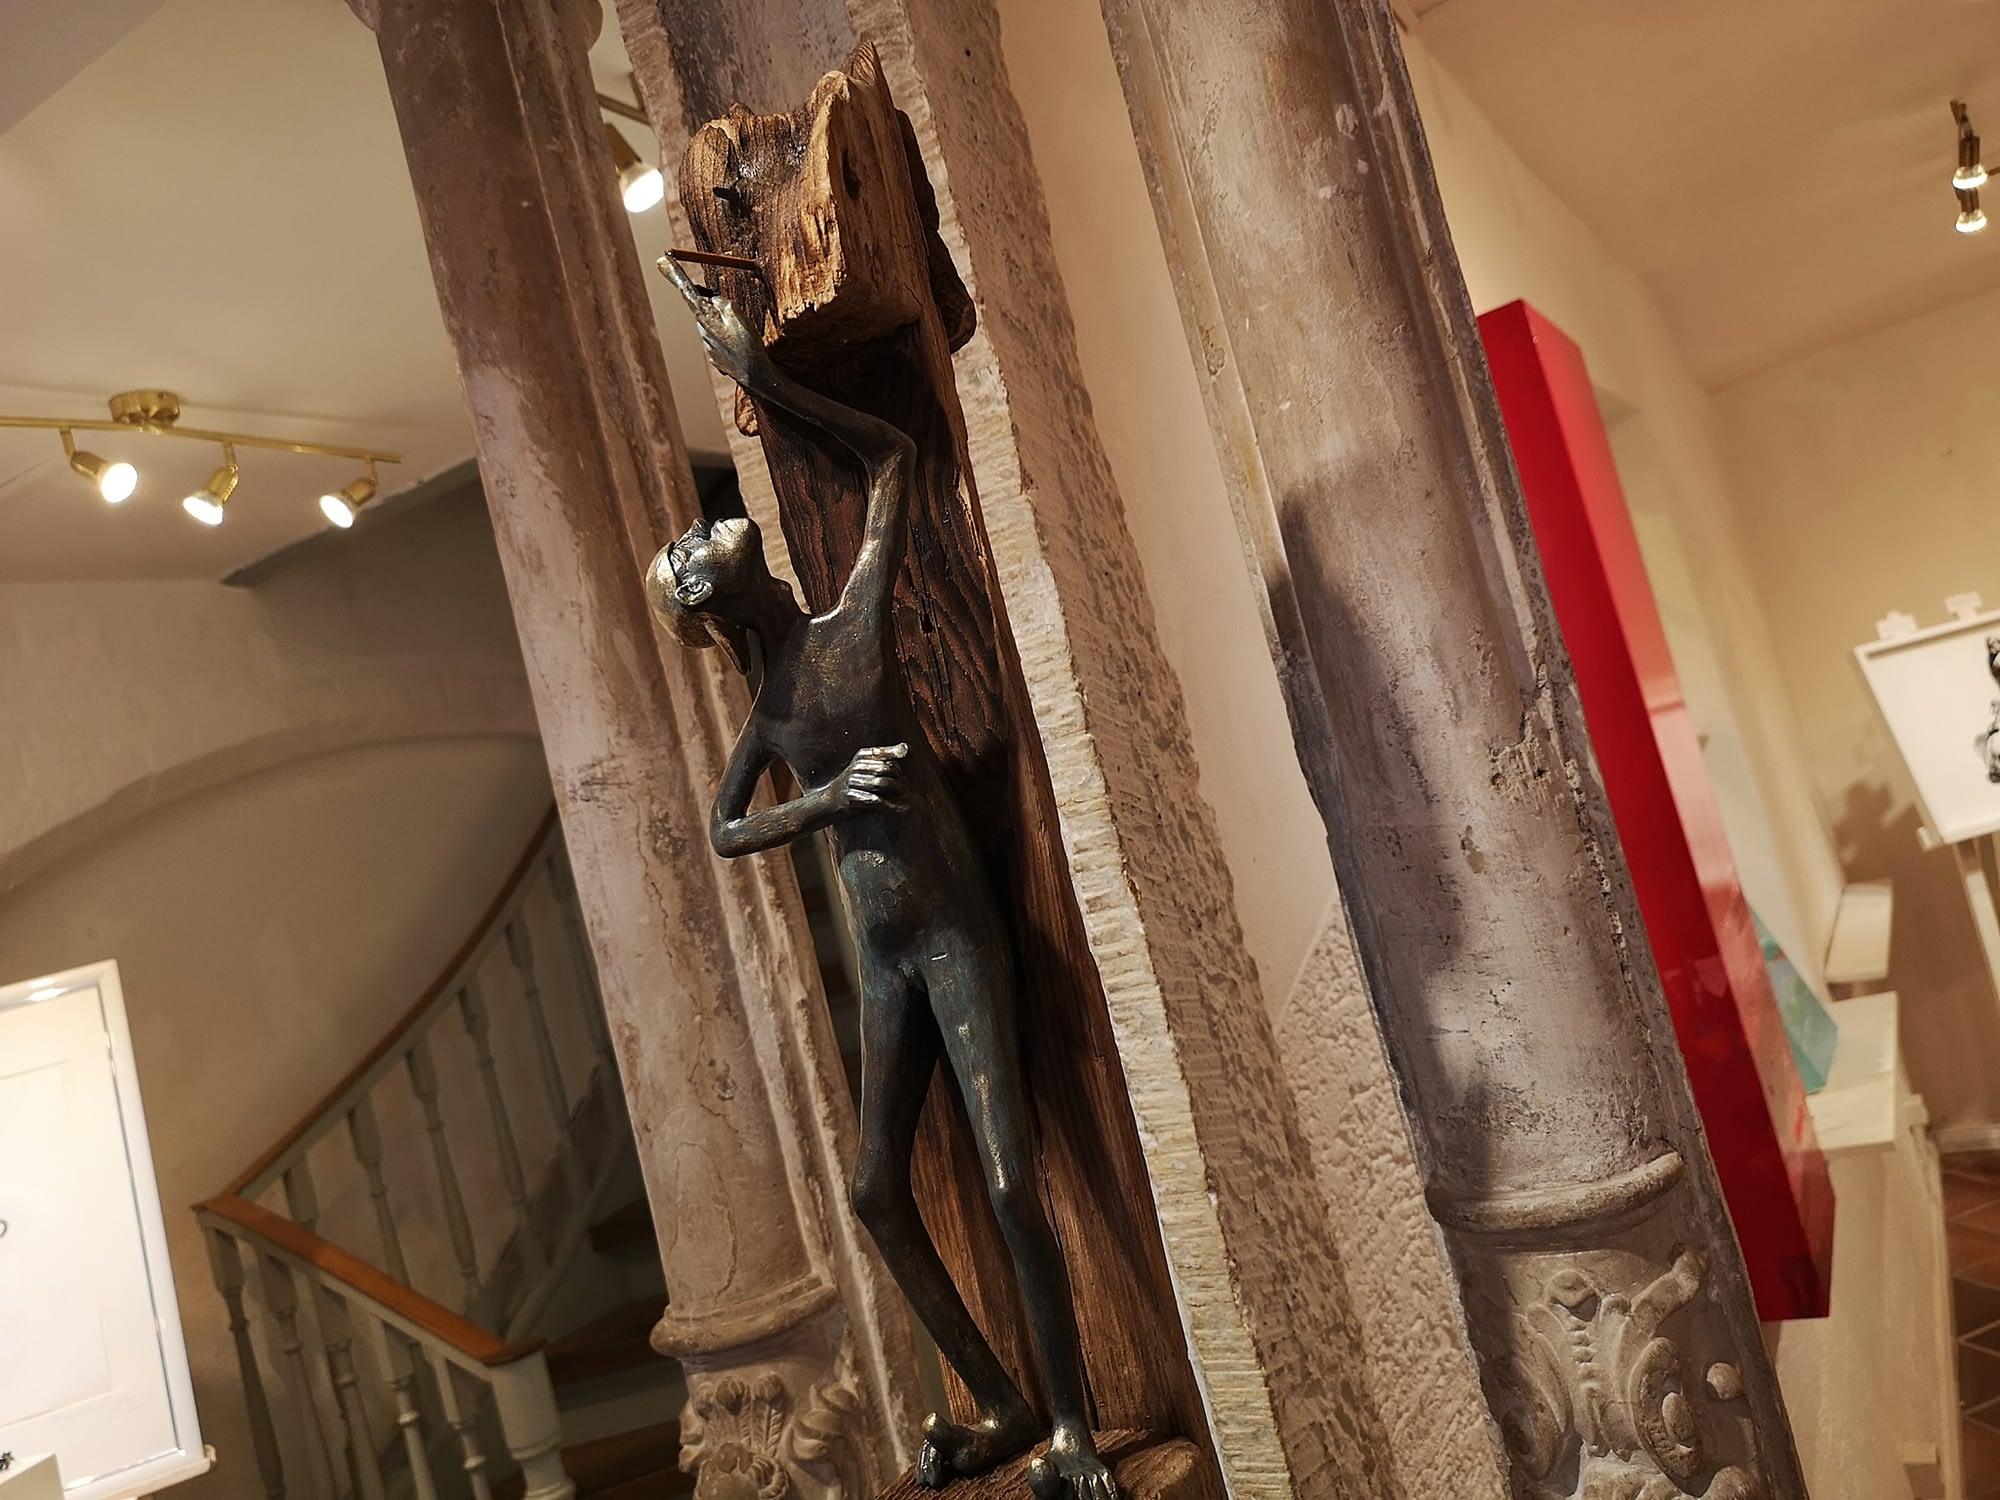 Irmgard Kaduk Skulptur: Das Geheimnis